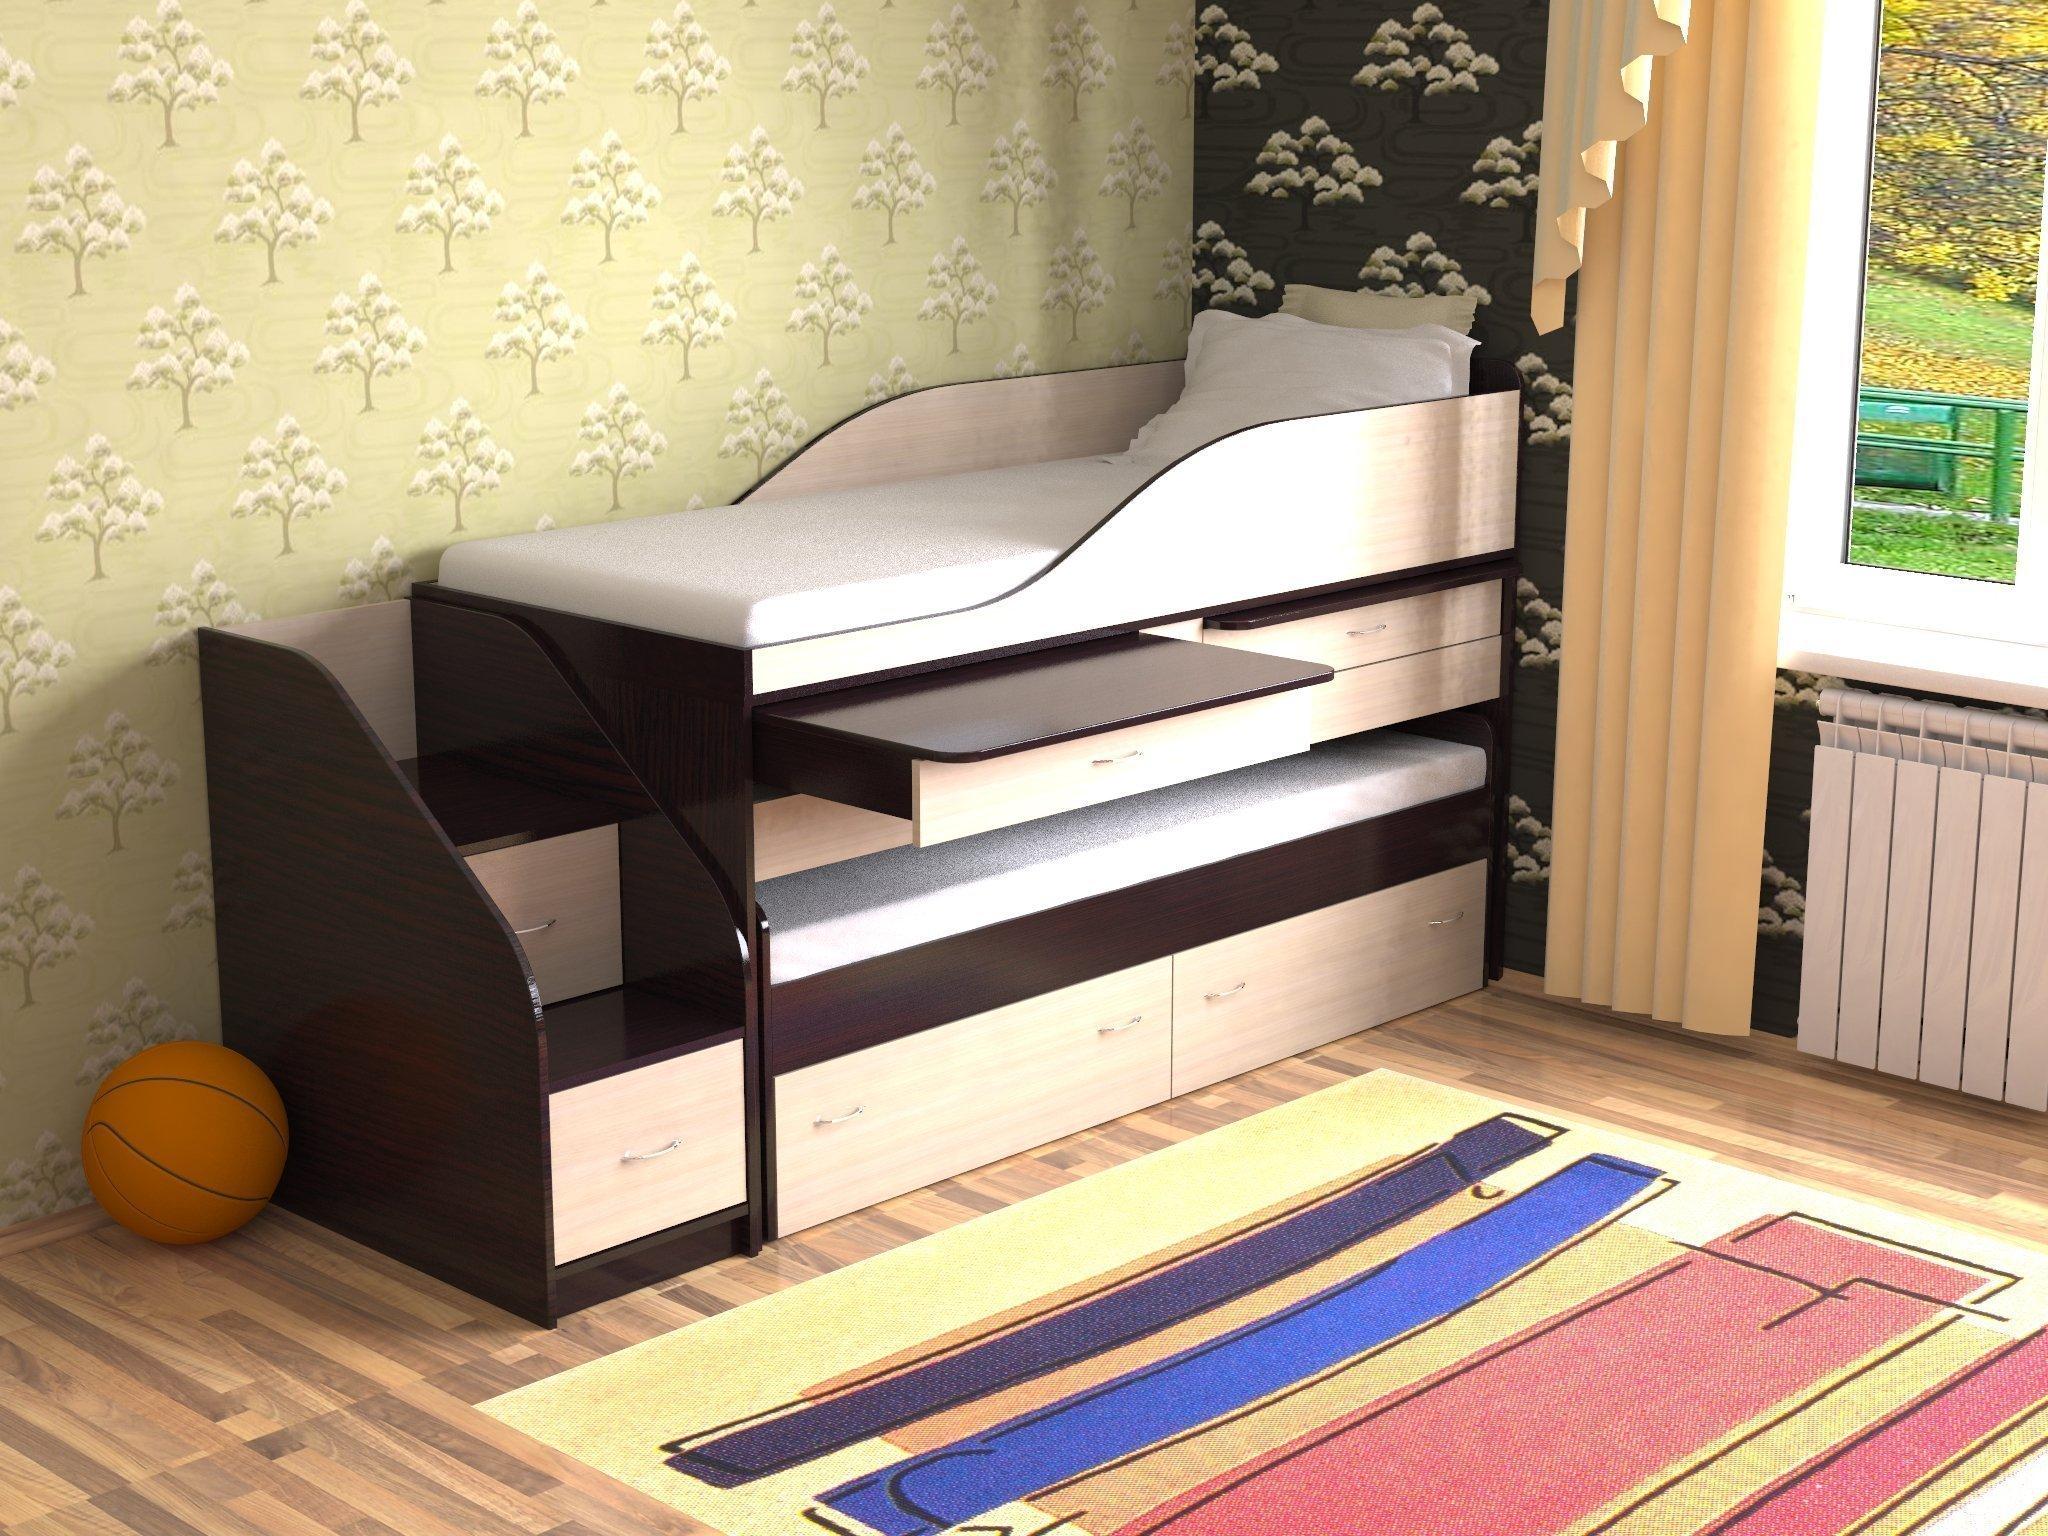 выдвижная кровать для двух деток фото вас уважаем судя